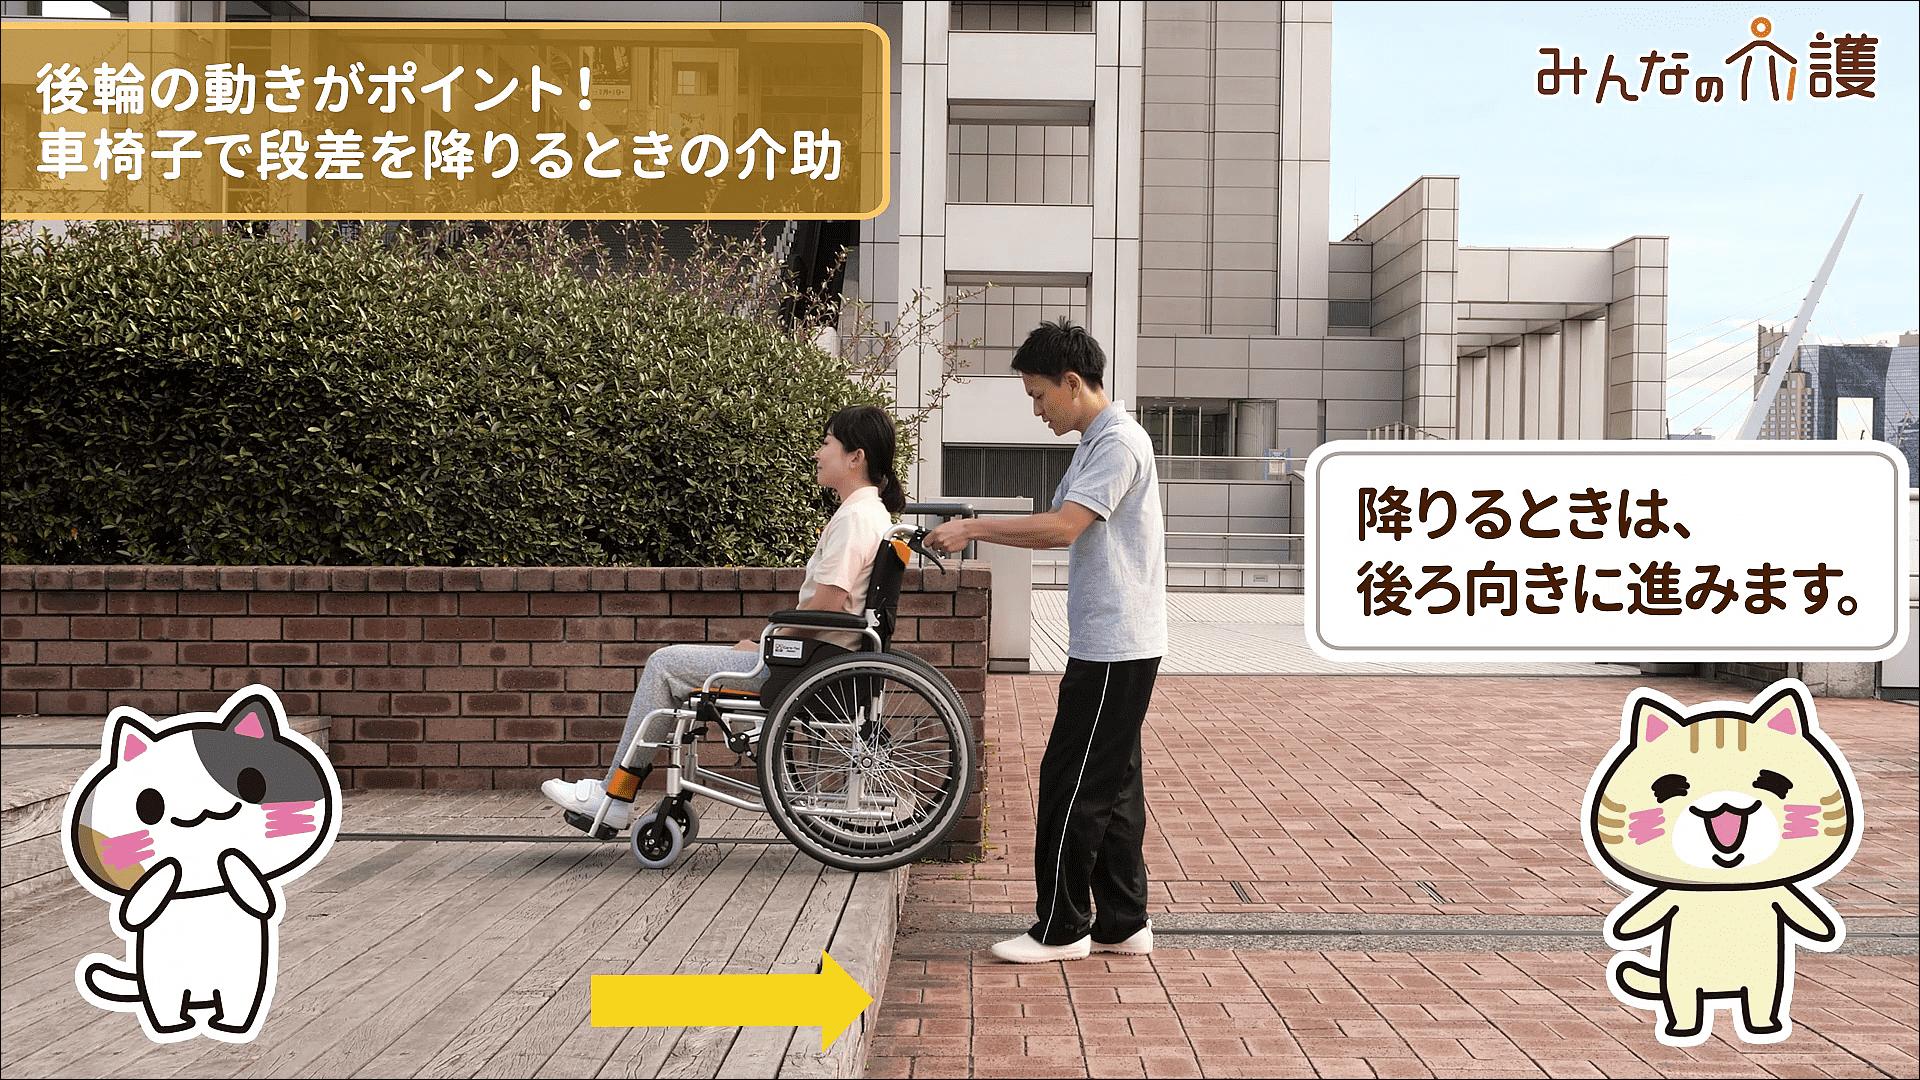 車椅子を引く様子